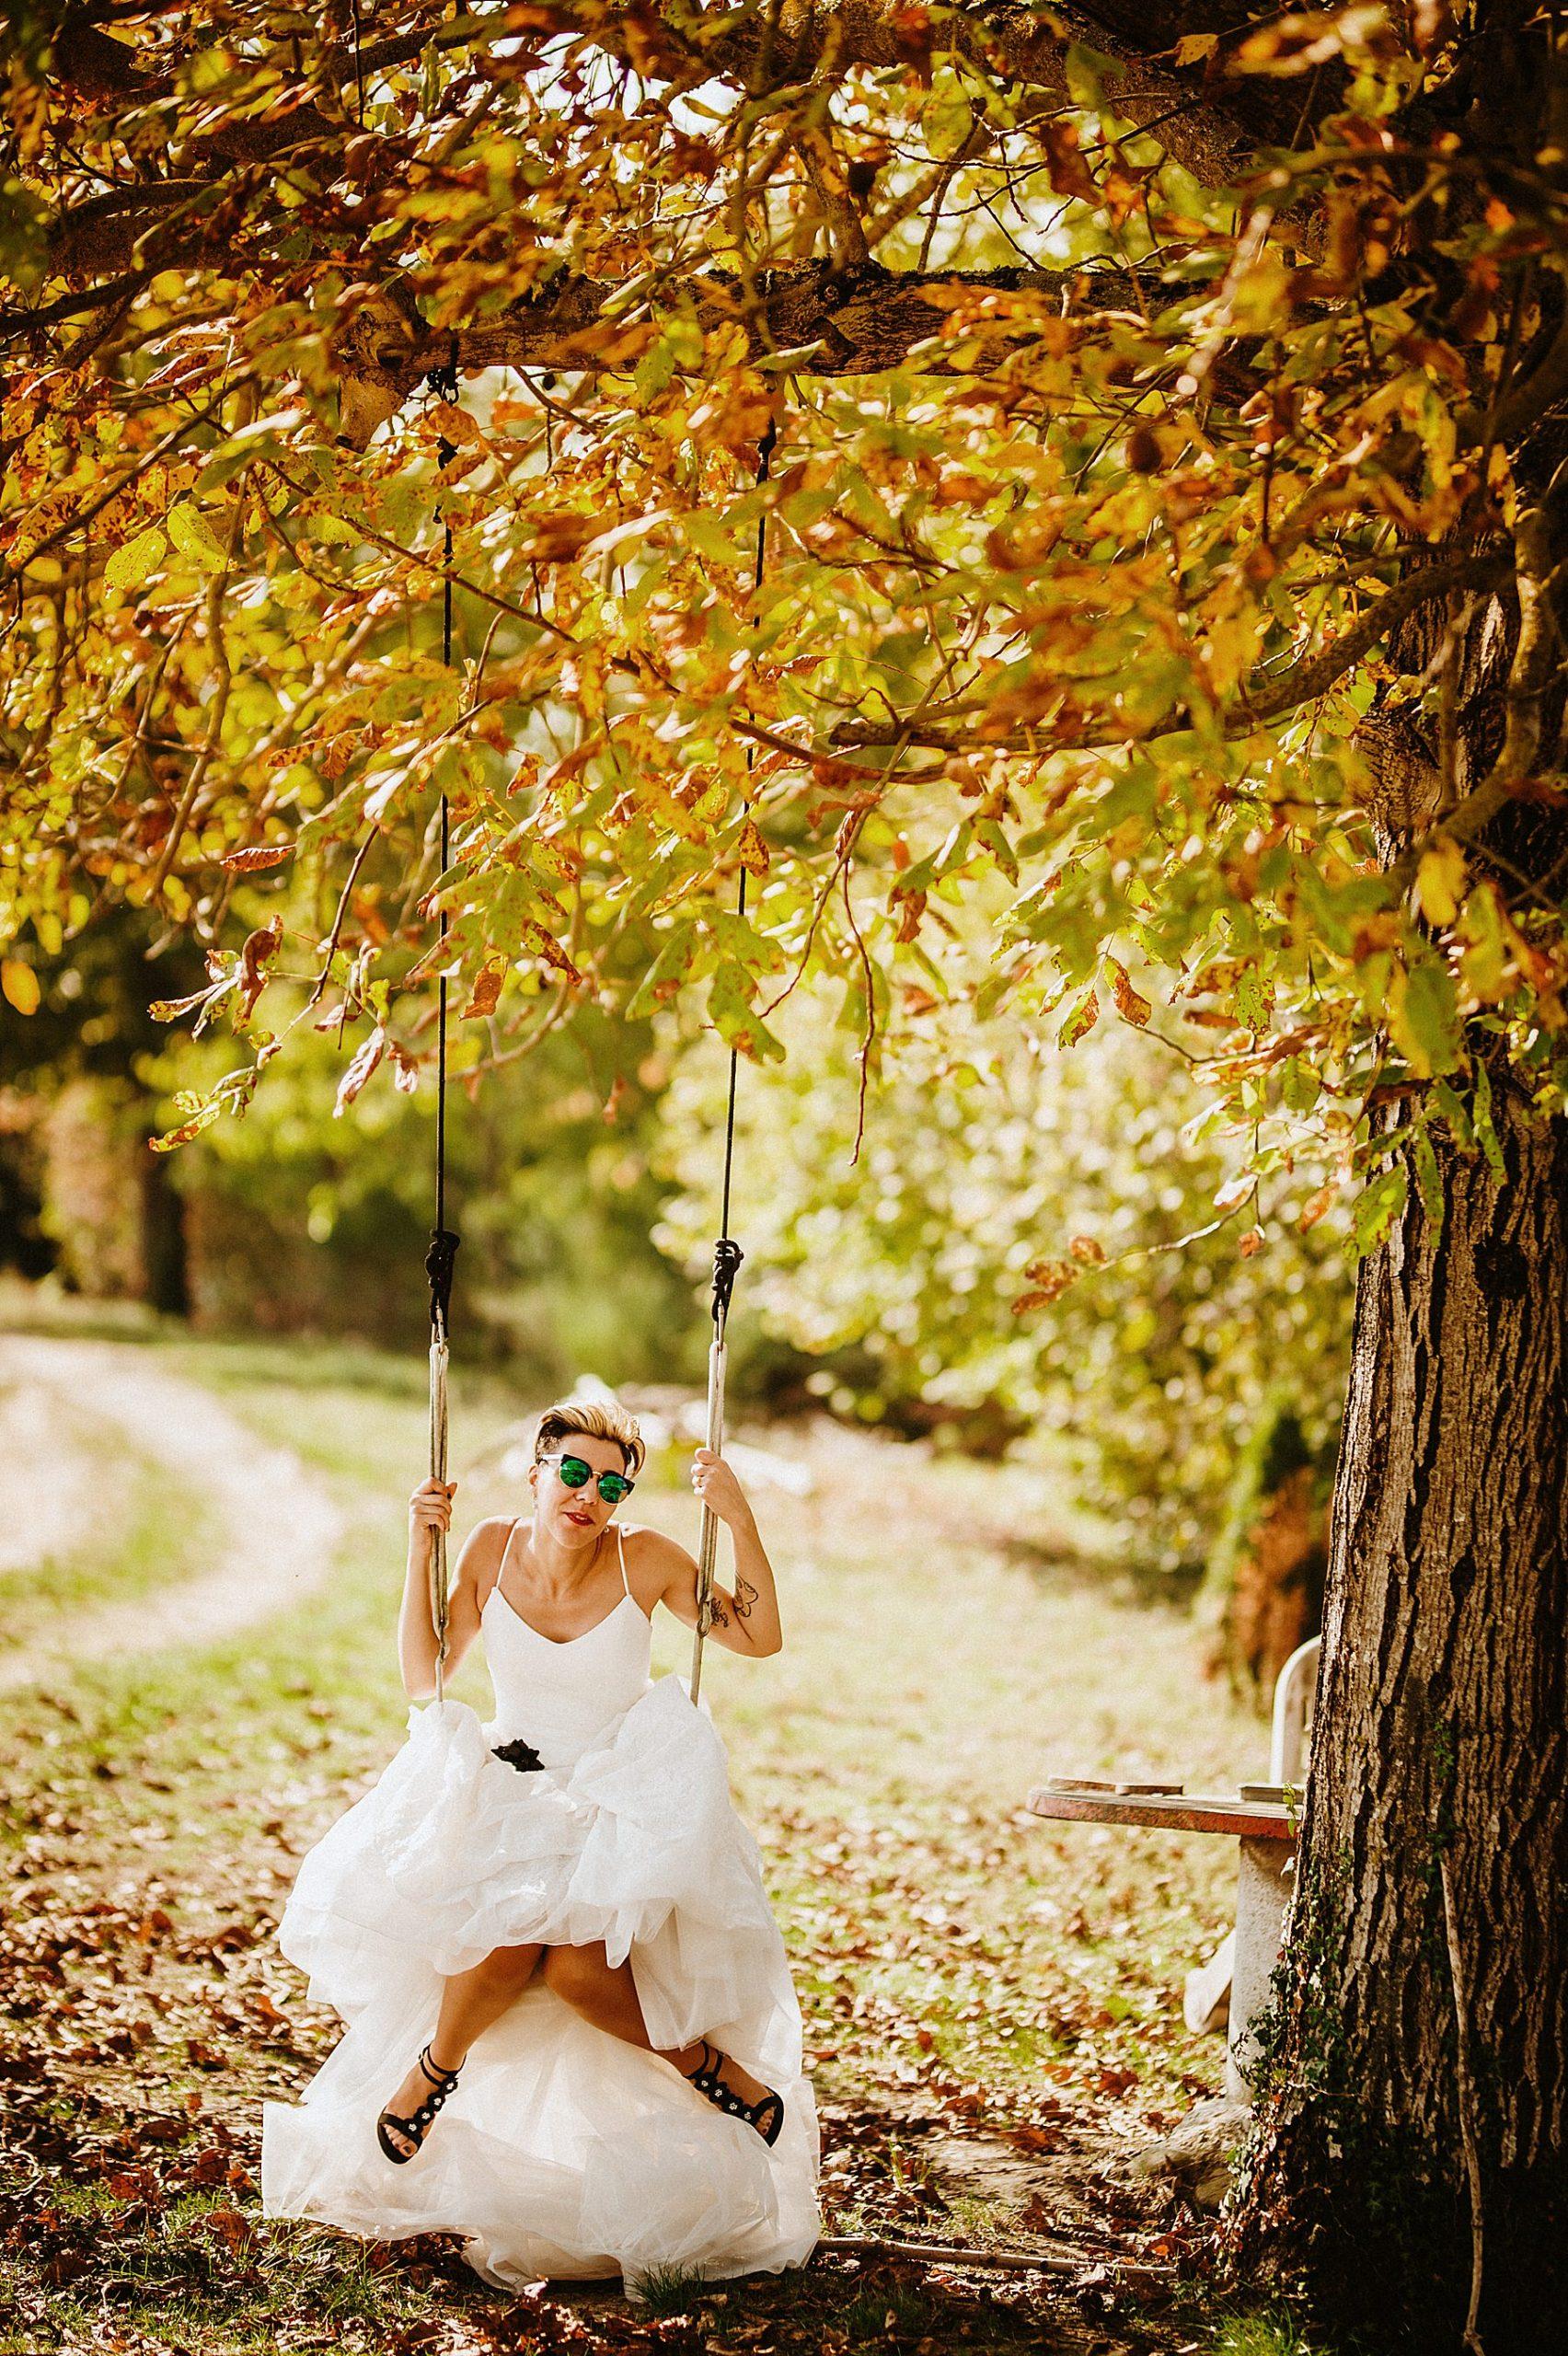 bellissima sposa su altalena sotto l'albero in autunno